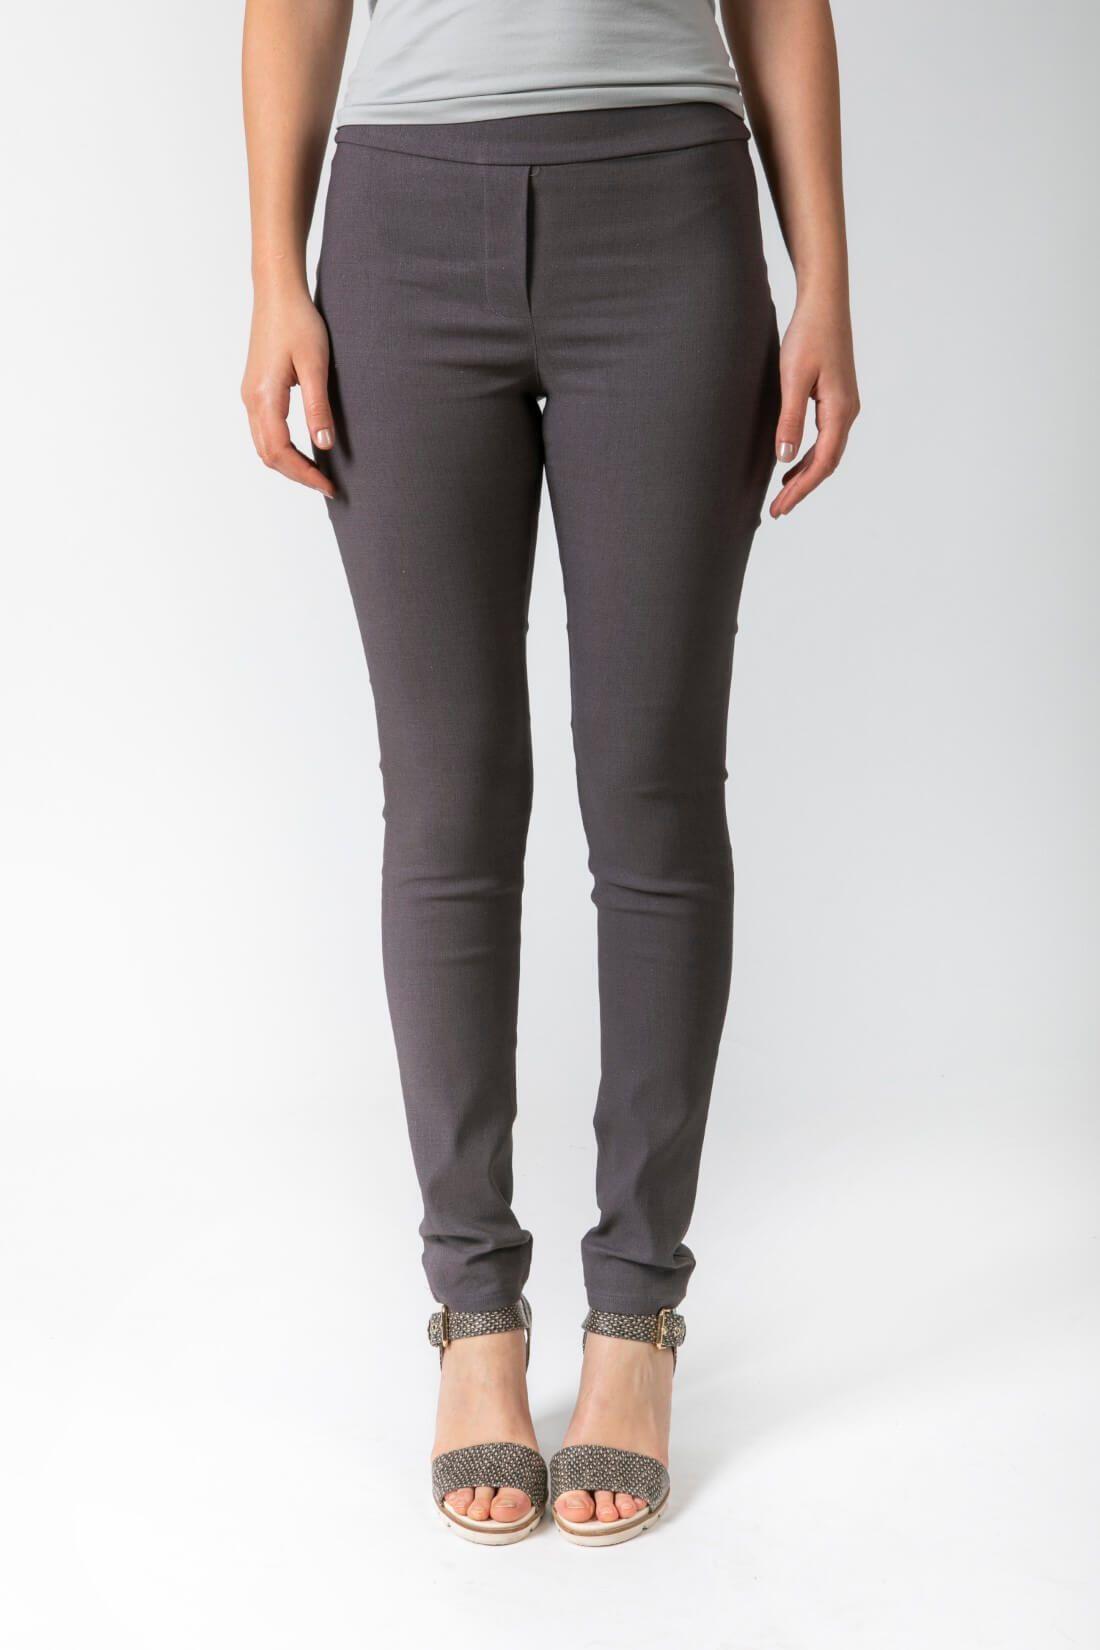 מכנסיים אפורים בגיזרת סקיני דגם להשוויץ אפור